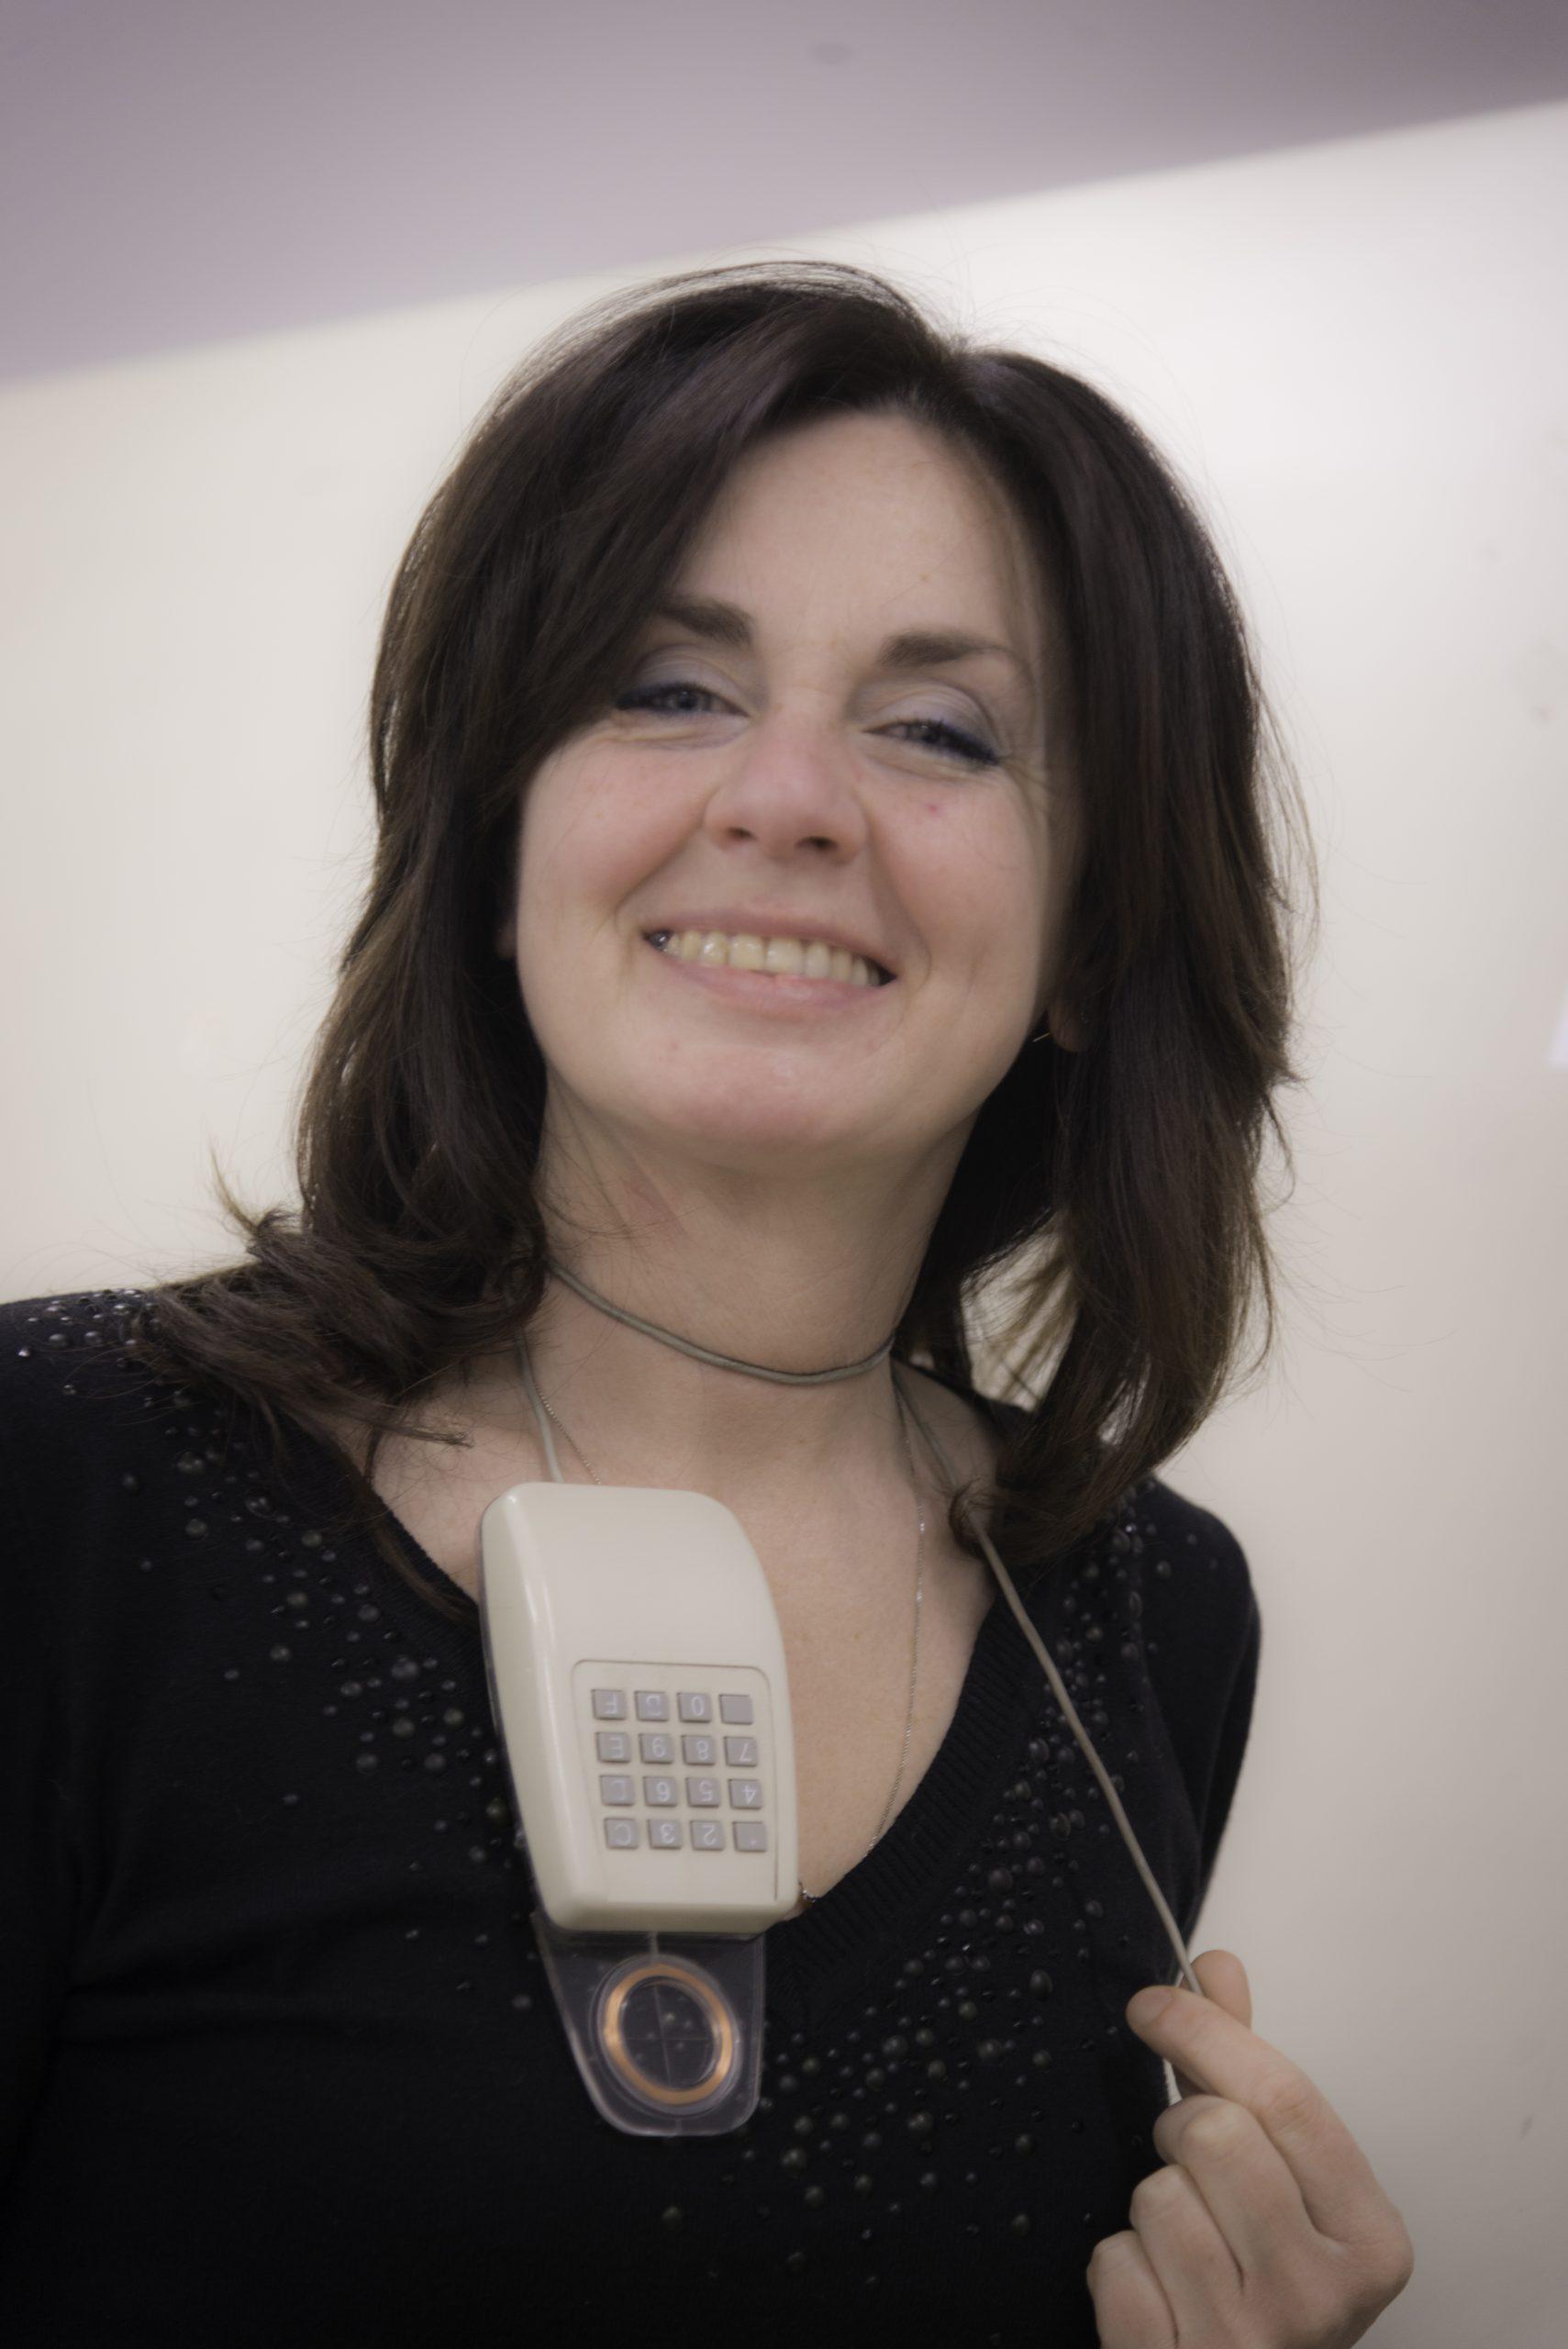 Alessia Piccioli